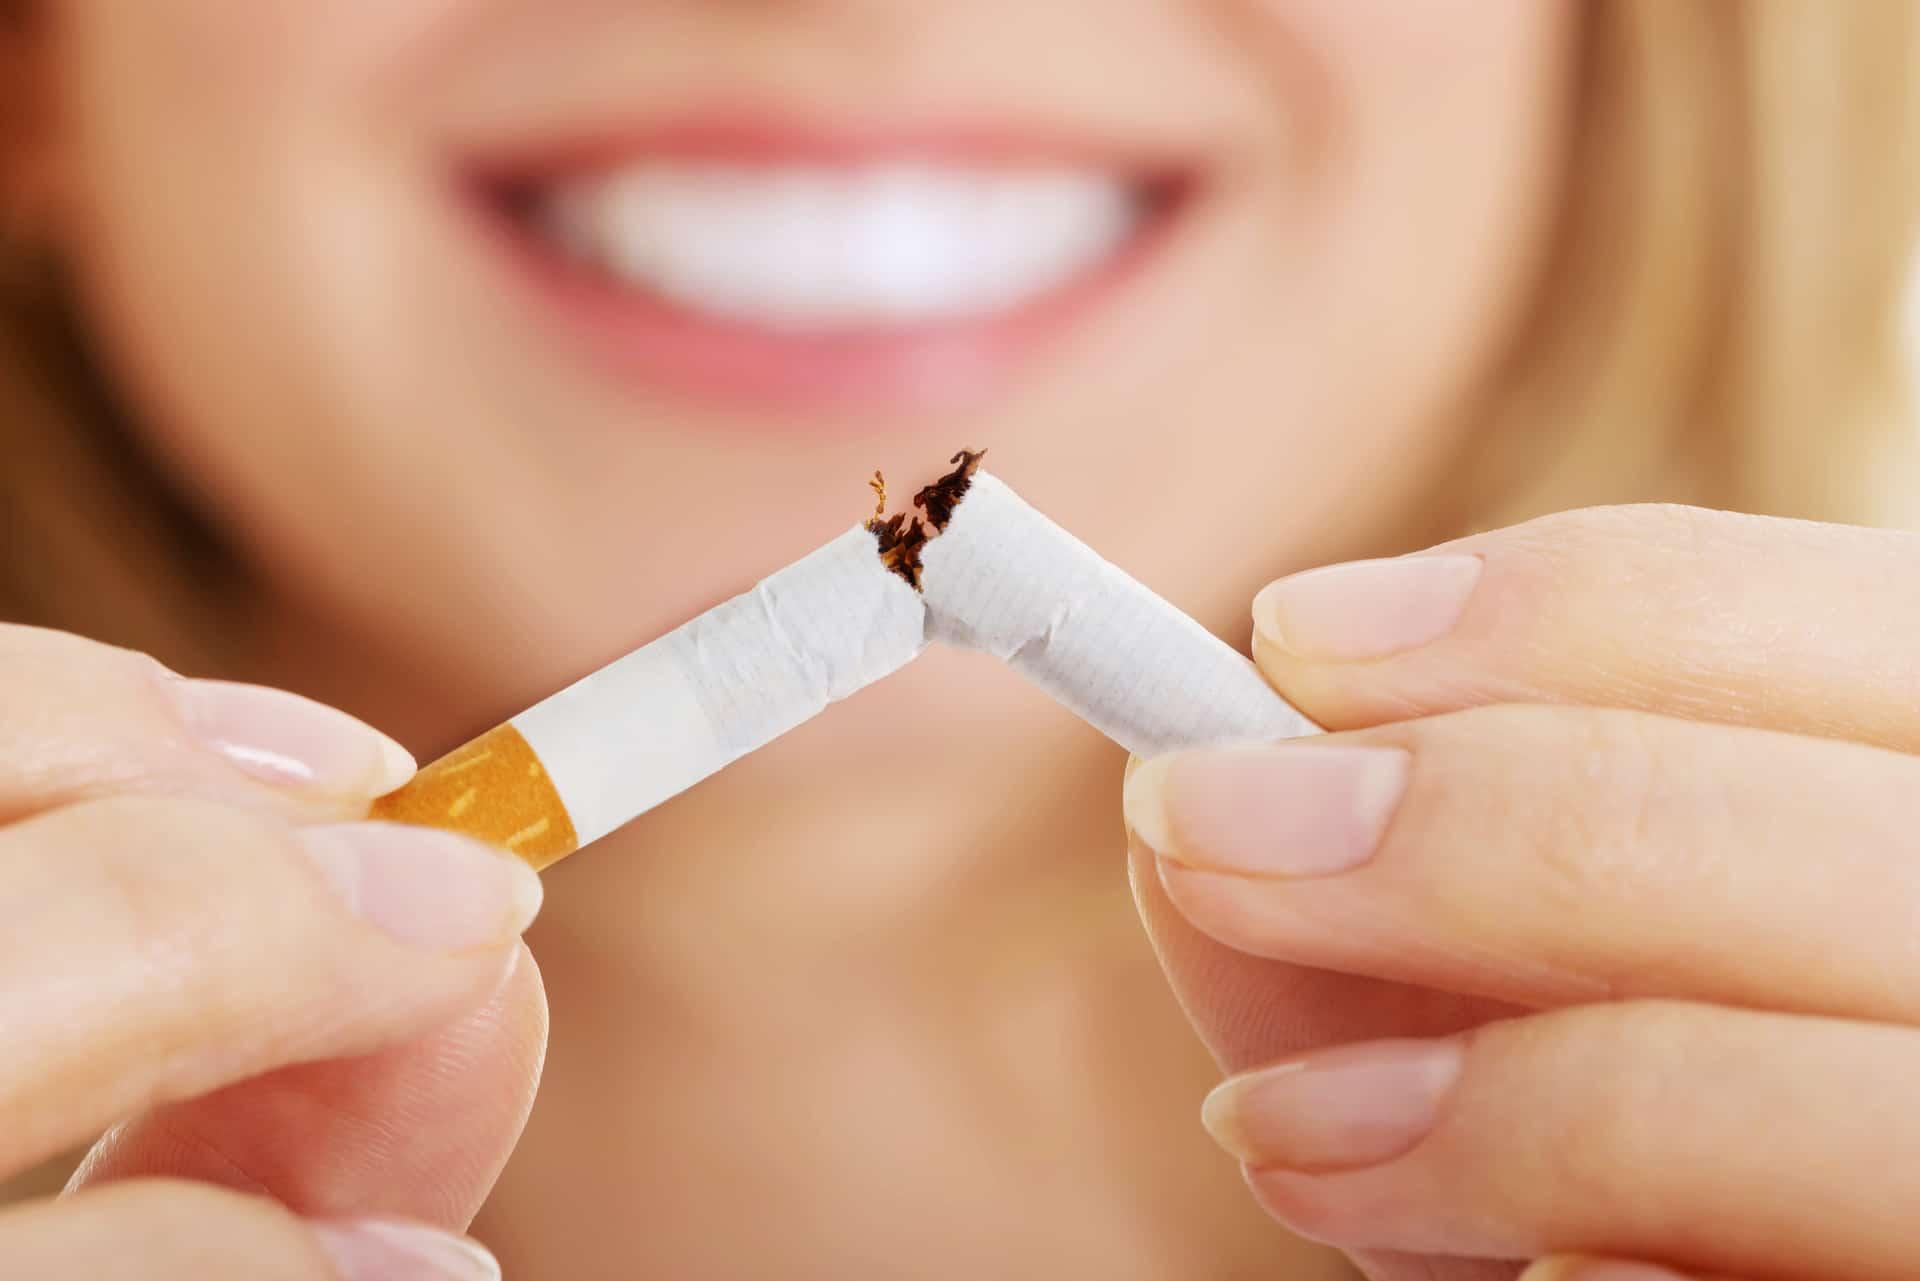 J'arrête de fumer mais j'ai peur de grossir